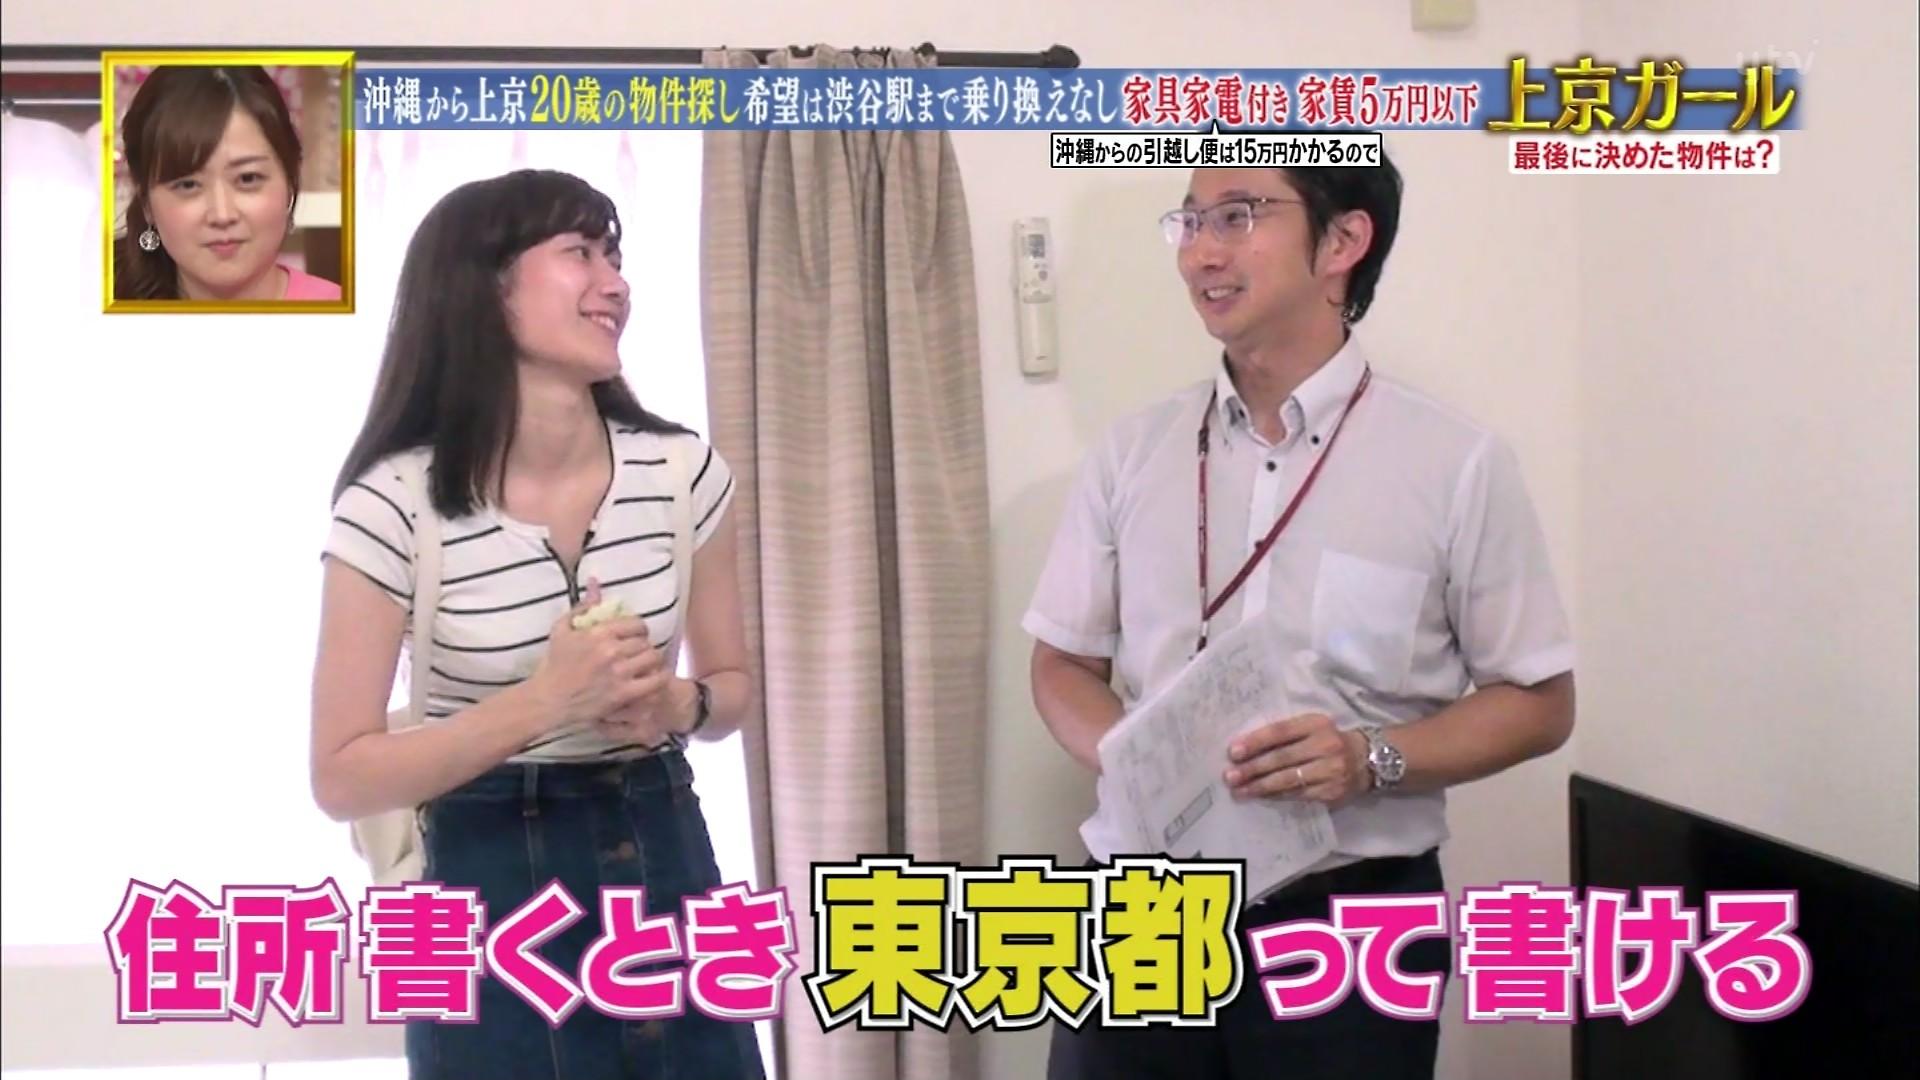 沖縄美女_パンチラ_放送事故_テレビキャプ画像_30